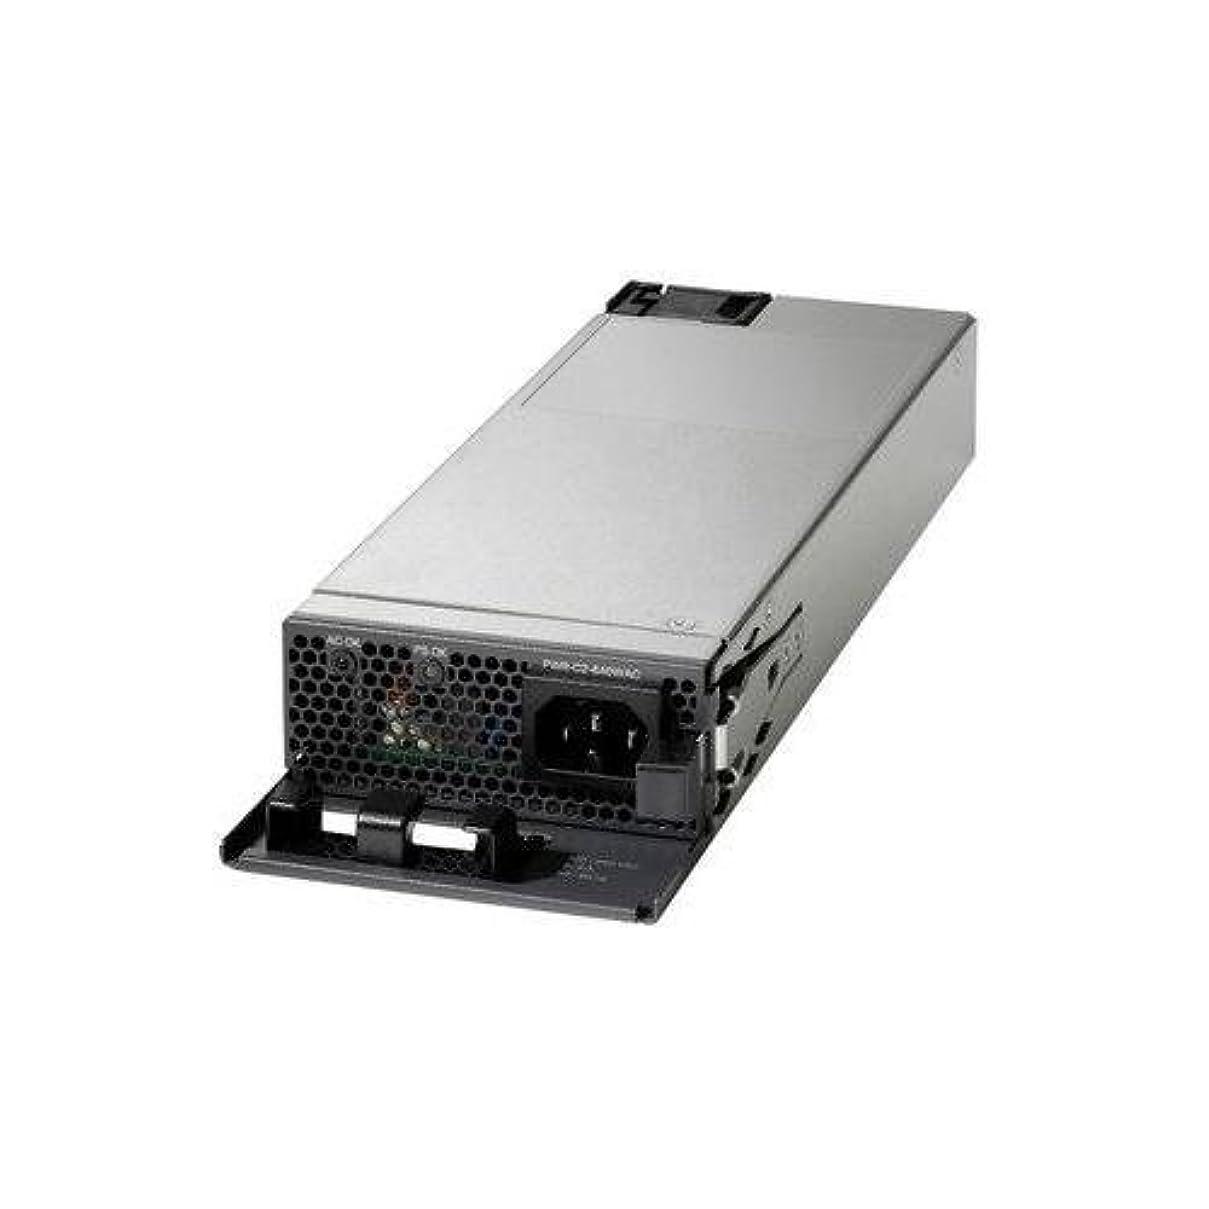 そっと拒否連合CISCO PWR-C2-640WAC= / 640W AC Config 2 Power Supply [並行輸入品]